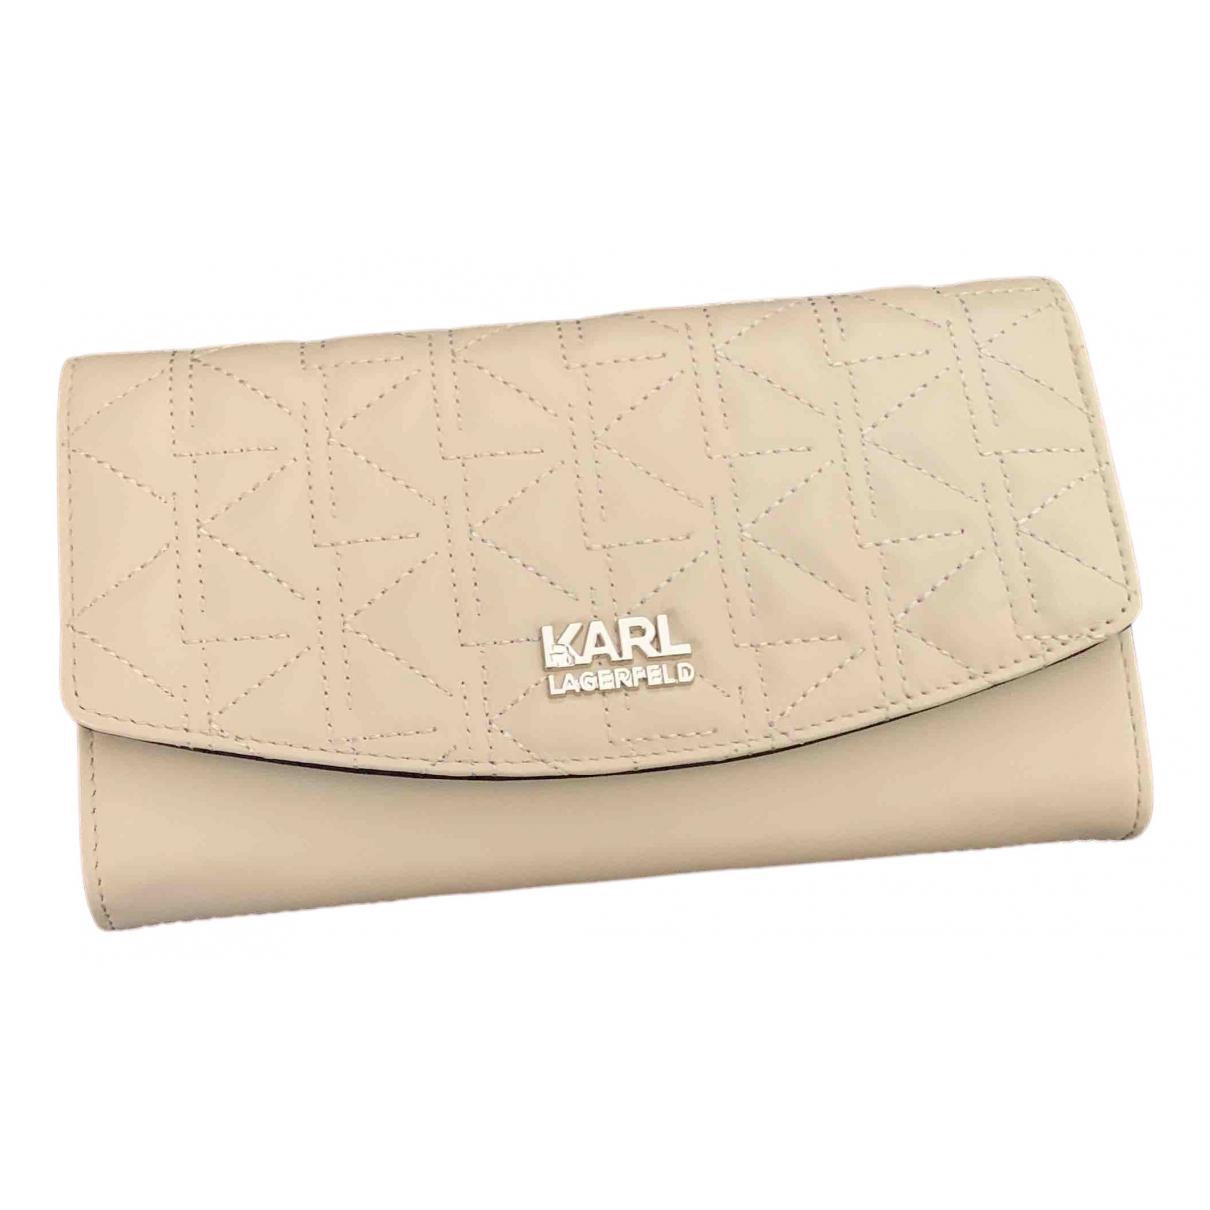 Karl Lagerfeld \N Portemonnaie in  Beige Leder